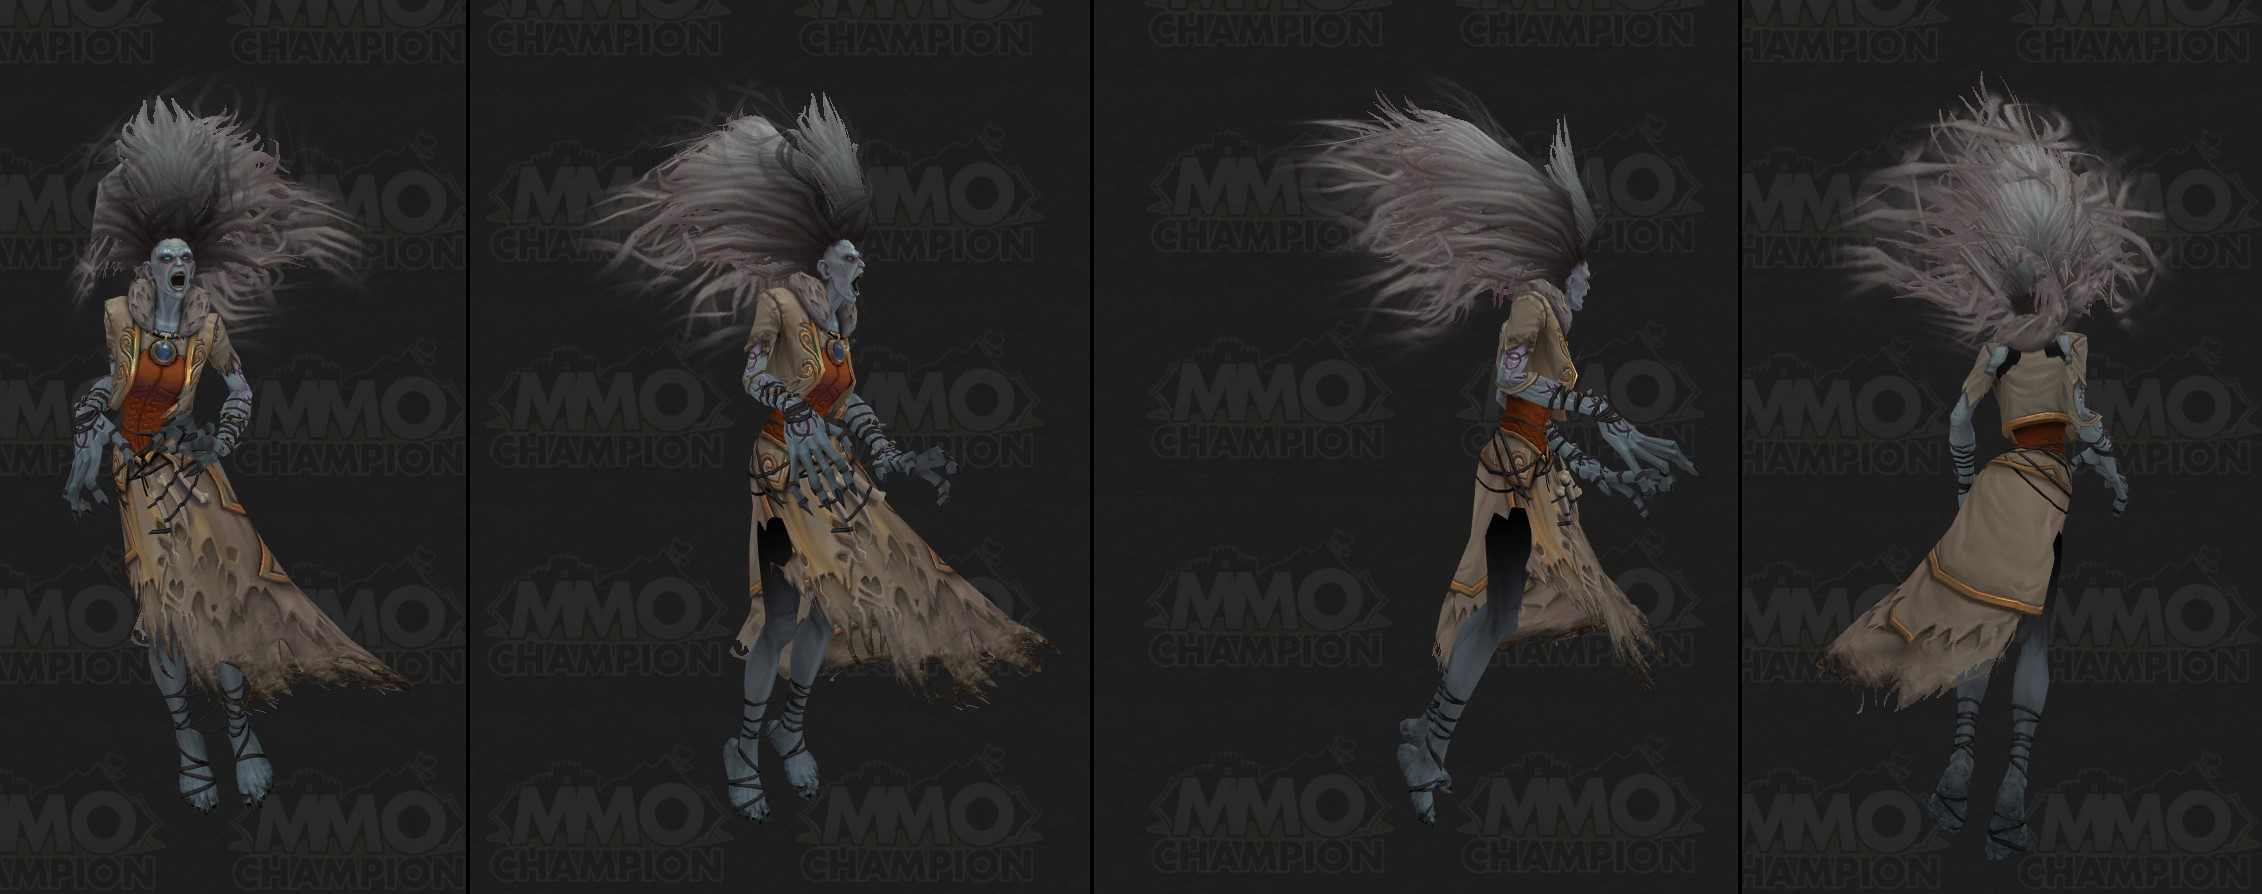 Nouveau modèle de créature dans Battle for Azeroth